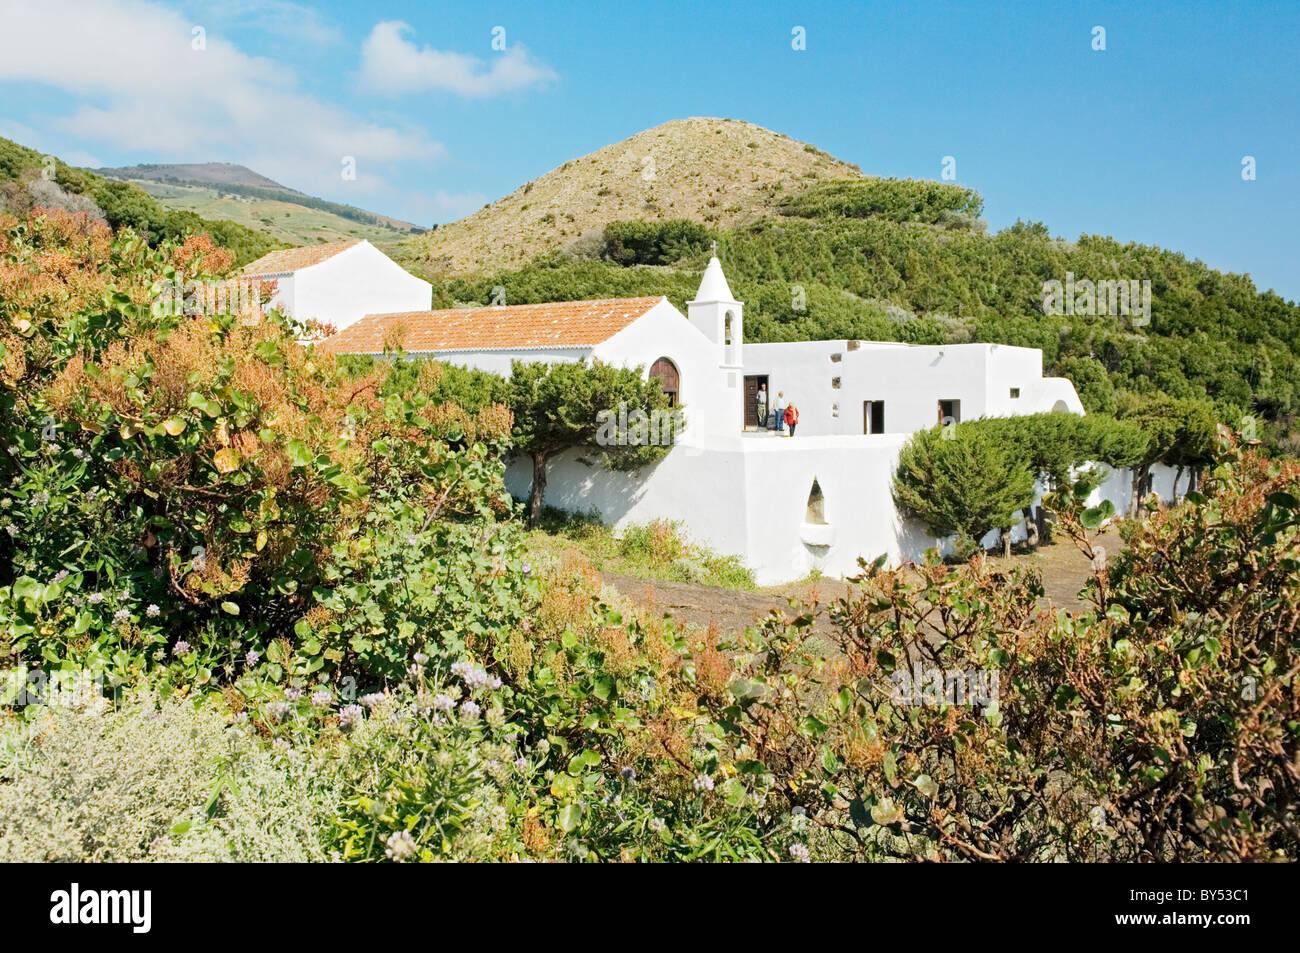 El Hierro, Canary Islands, Spain. Santuario de Nuestra Senora de Los Reyes at the island's west end. - Stock Image